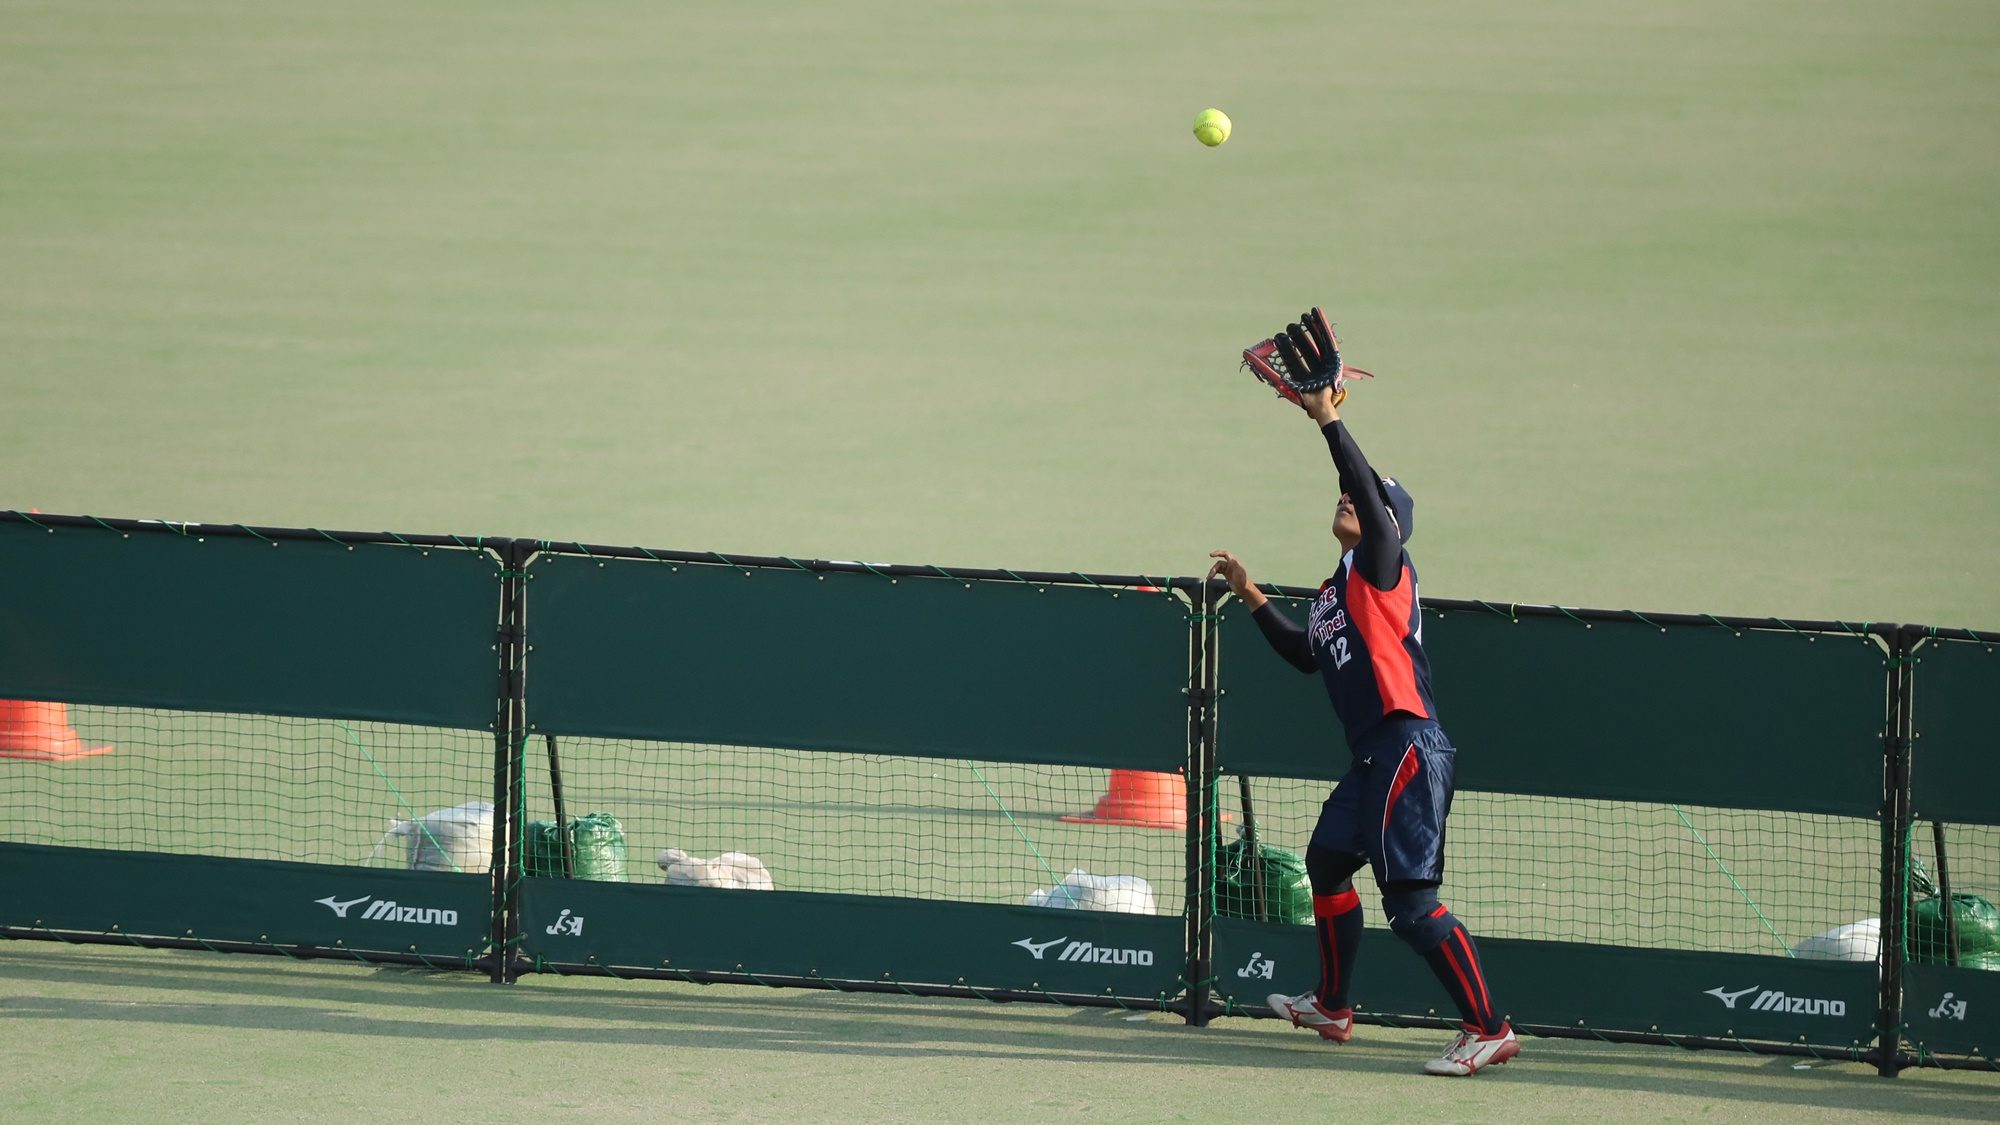 Miao-Yi Chen grabs a fly ball